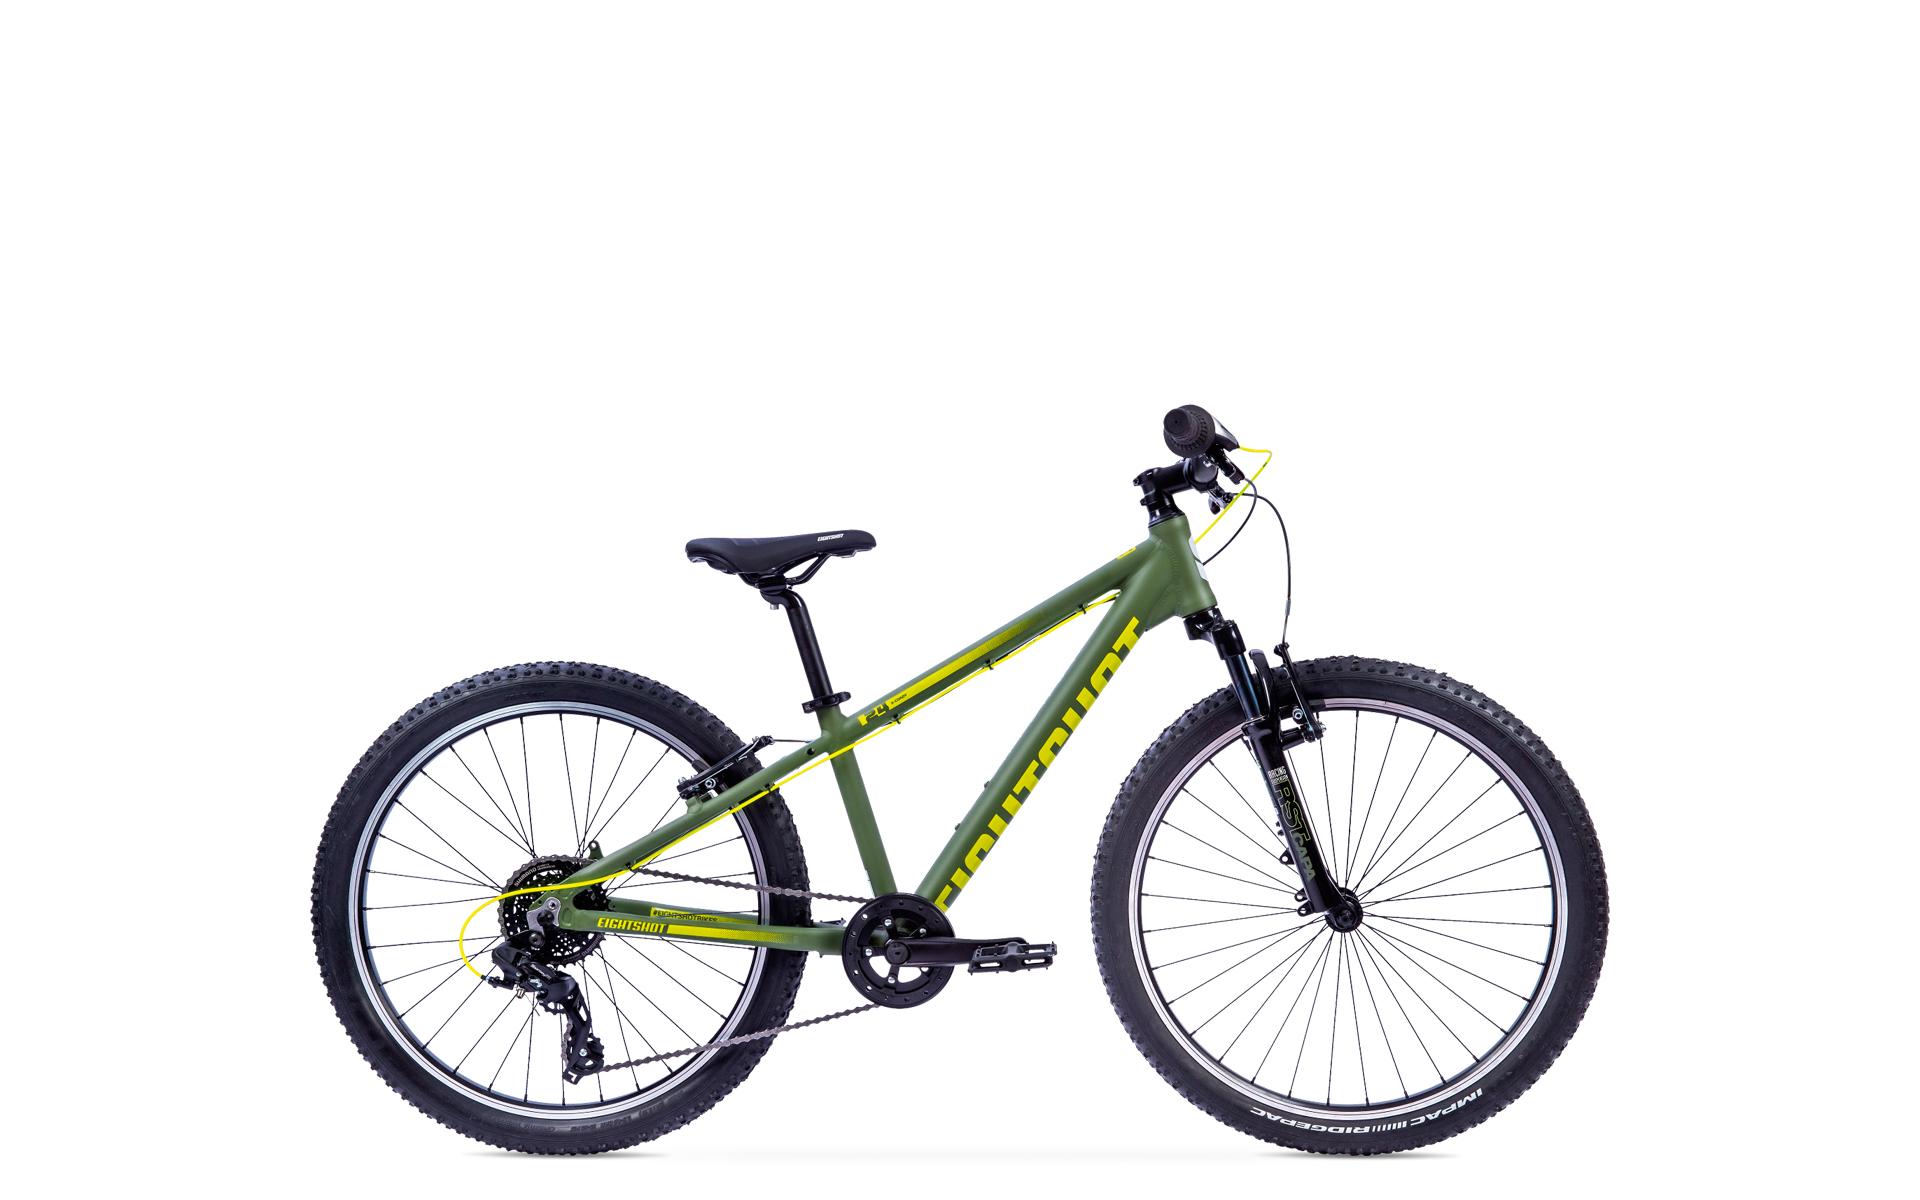 Eightshot cykel